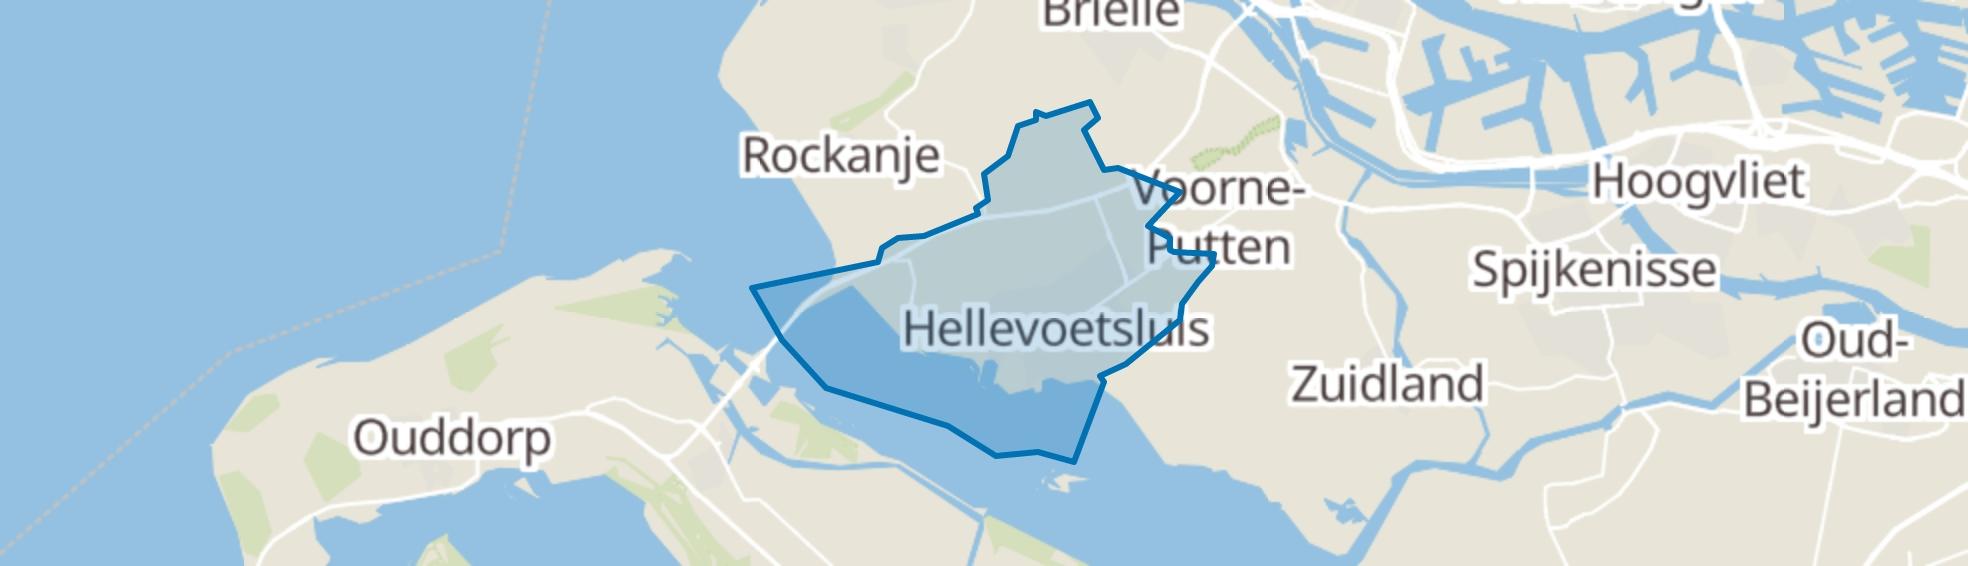 Hellevoetsluis map